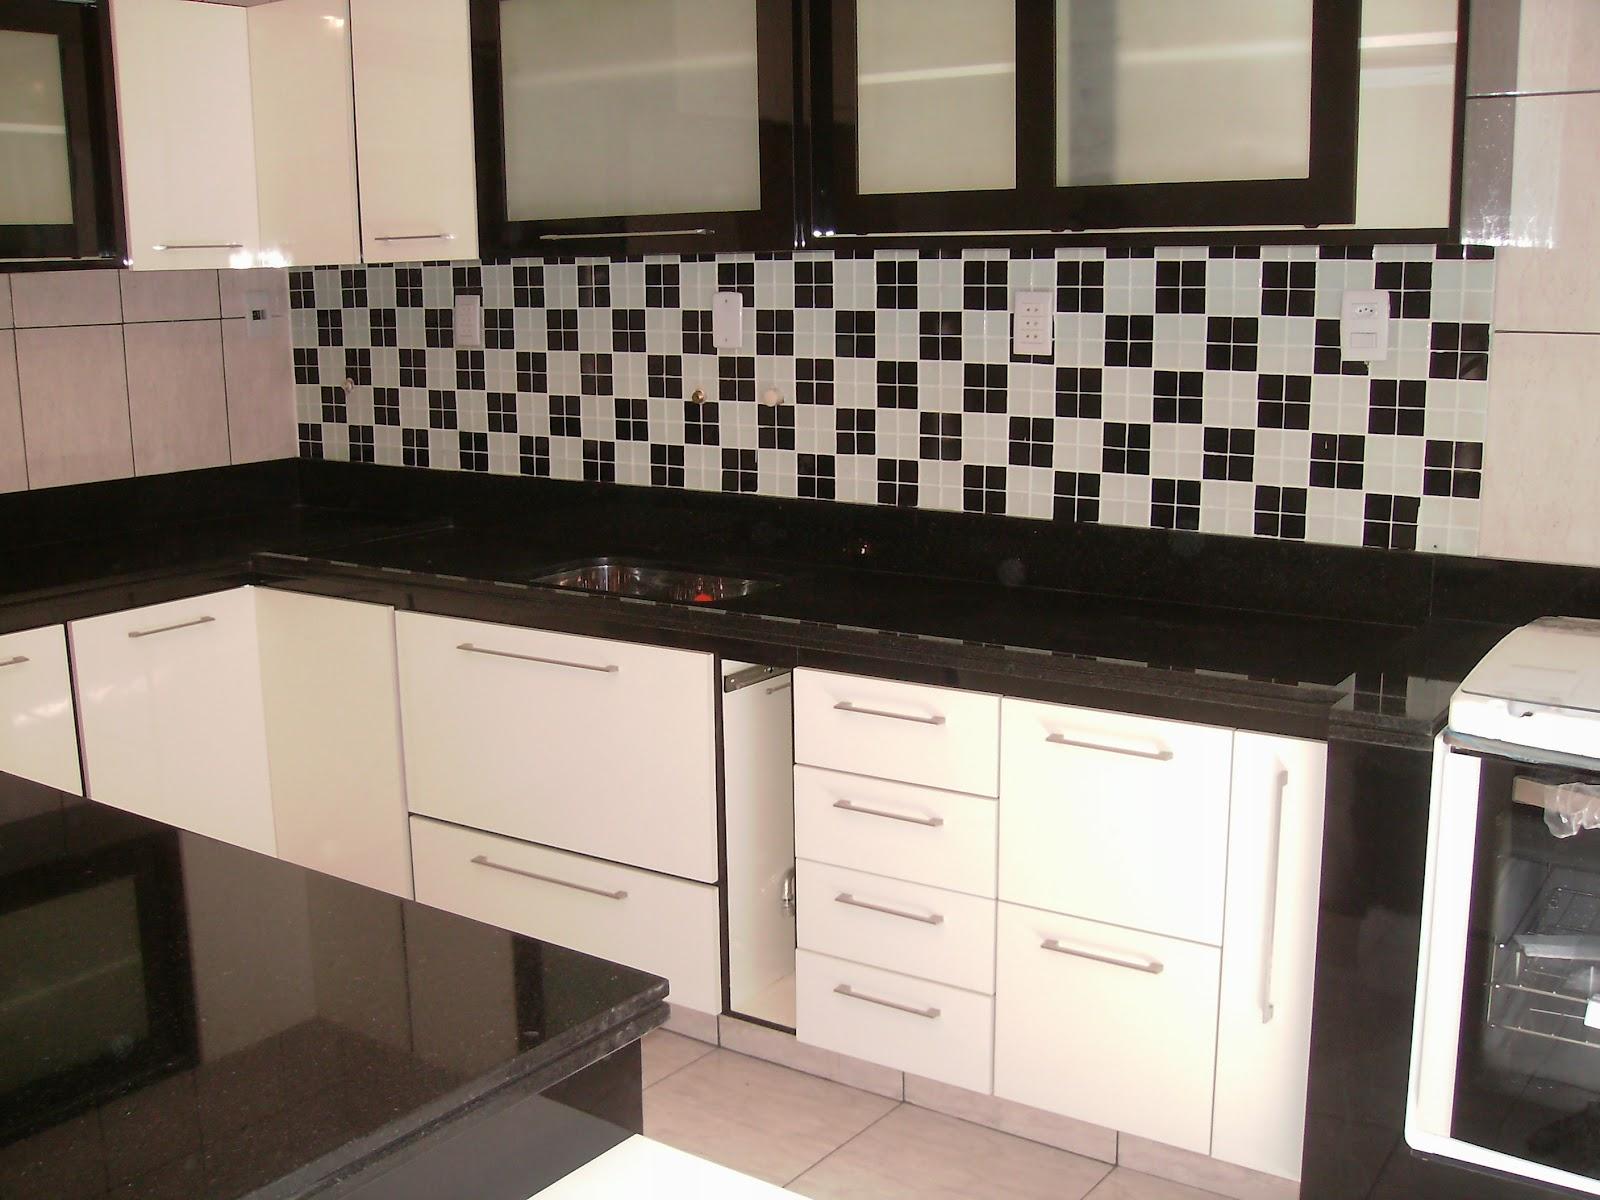 Assim que possível posto as fotos do nosso banheiro pronto muita  #856546 1600x1200